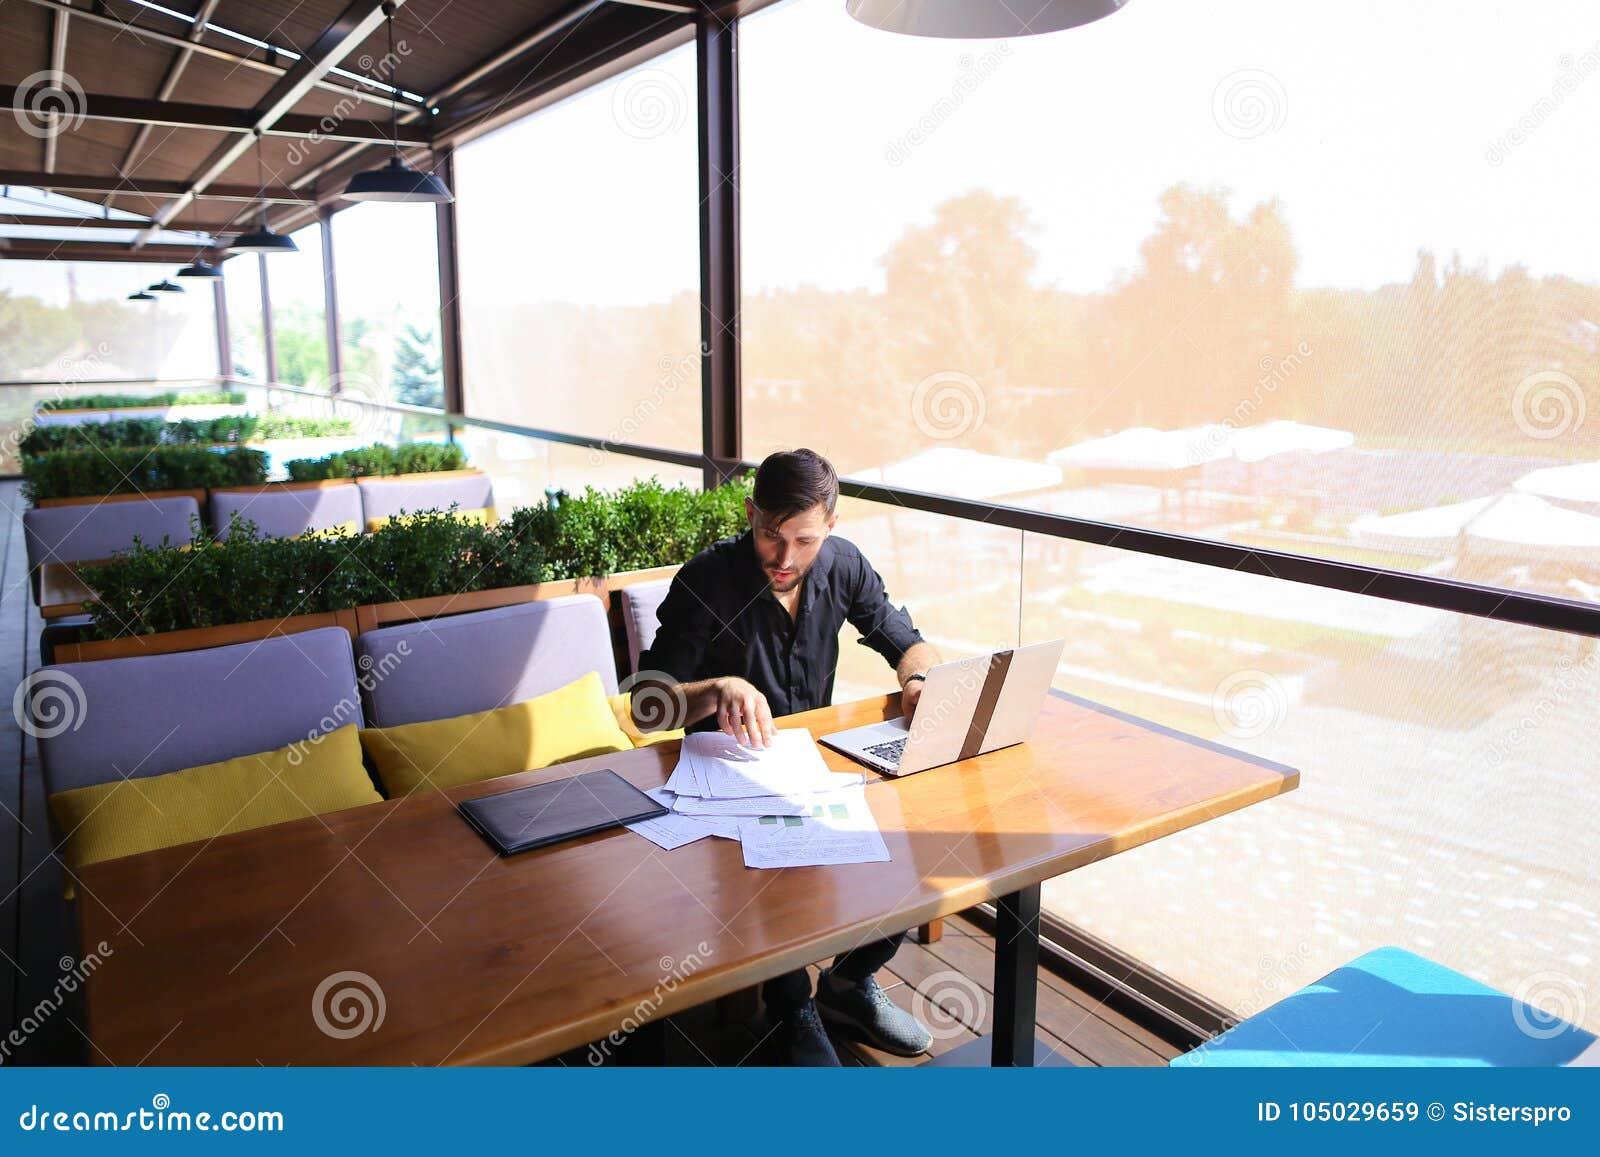 Texto independiente de la reescritura del redactor de anuncios en el ordenador portátil en la tabla del café